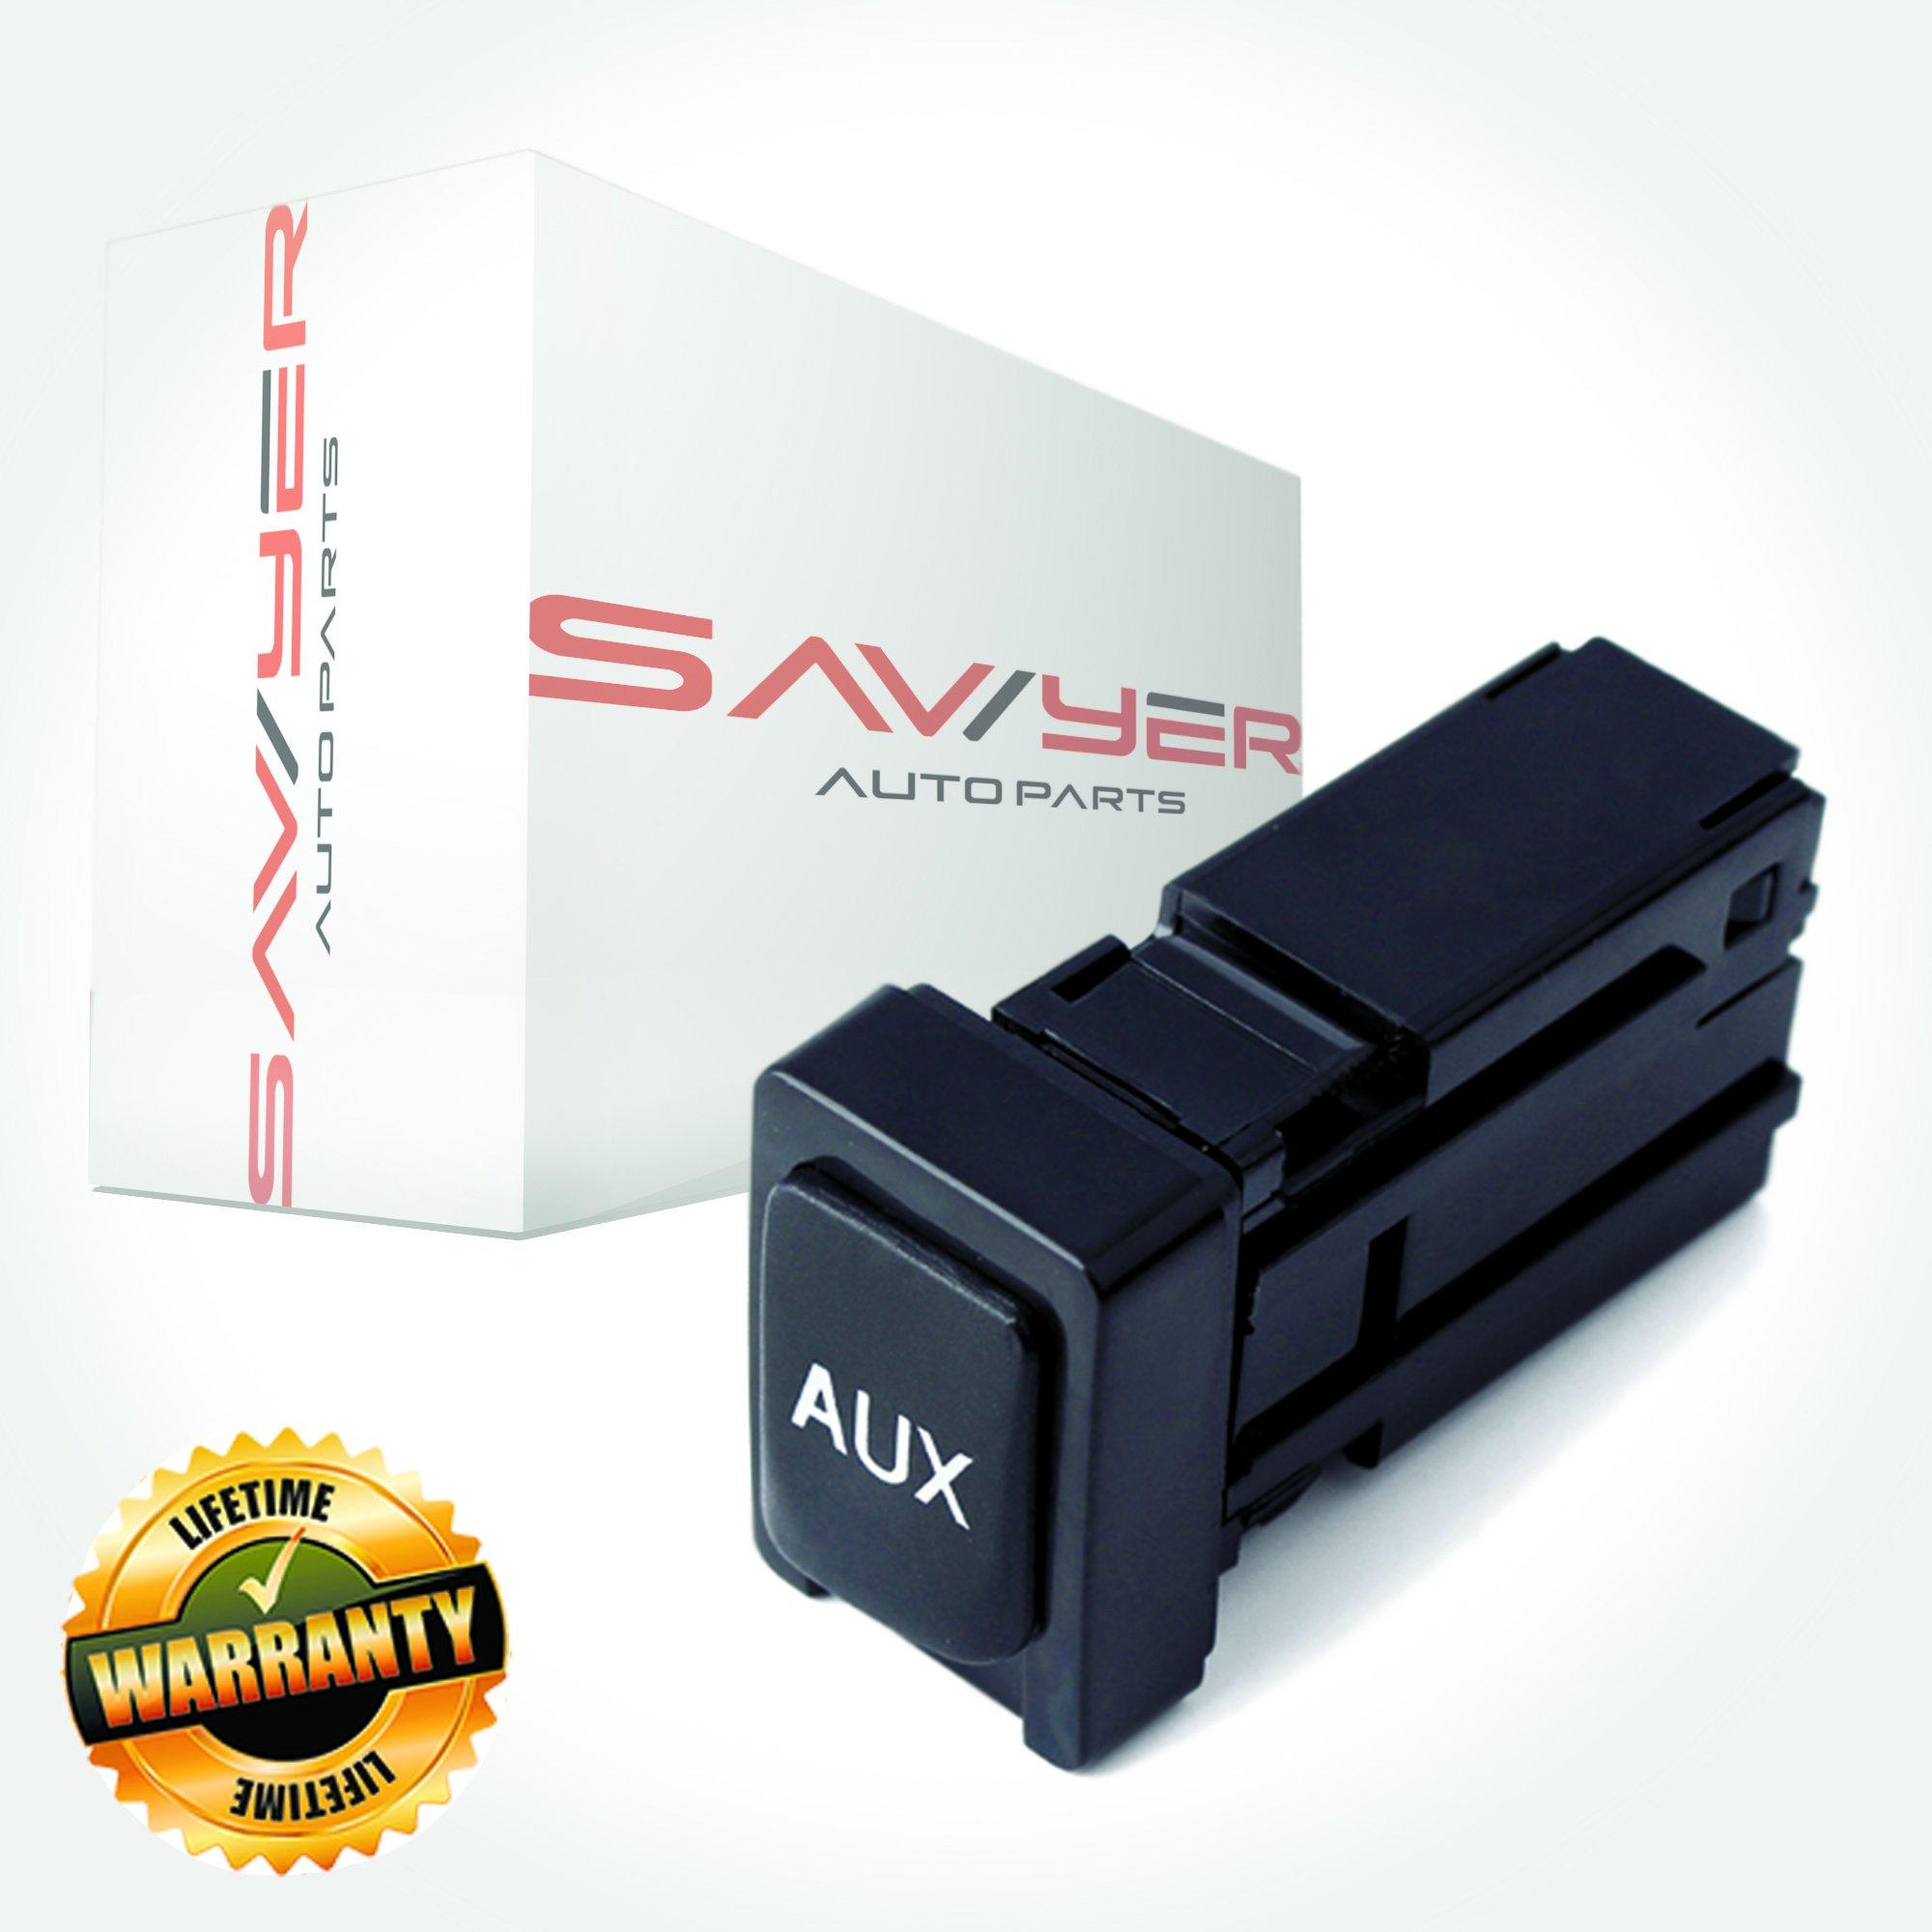 Toyota 86190-02010 Auxiliary Jack Adapter OEM Quality by Sawyer Auto